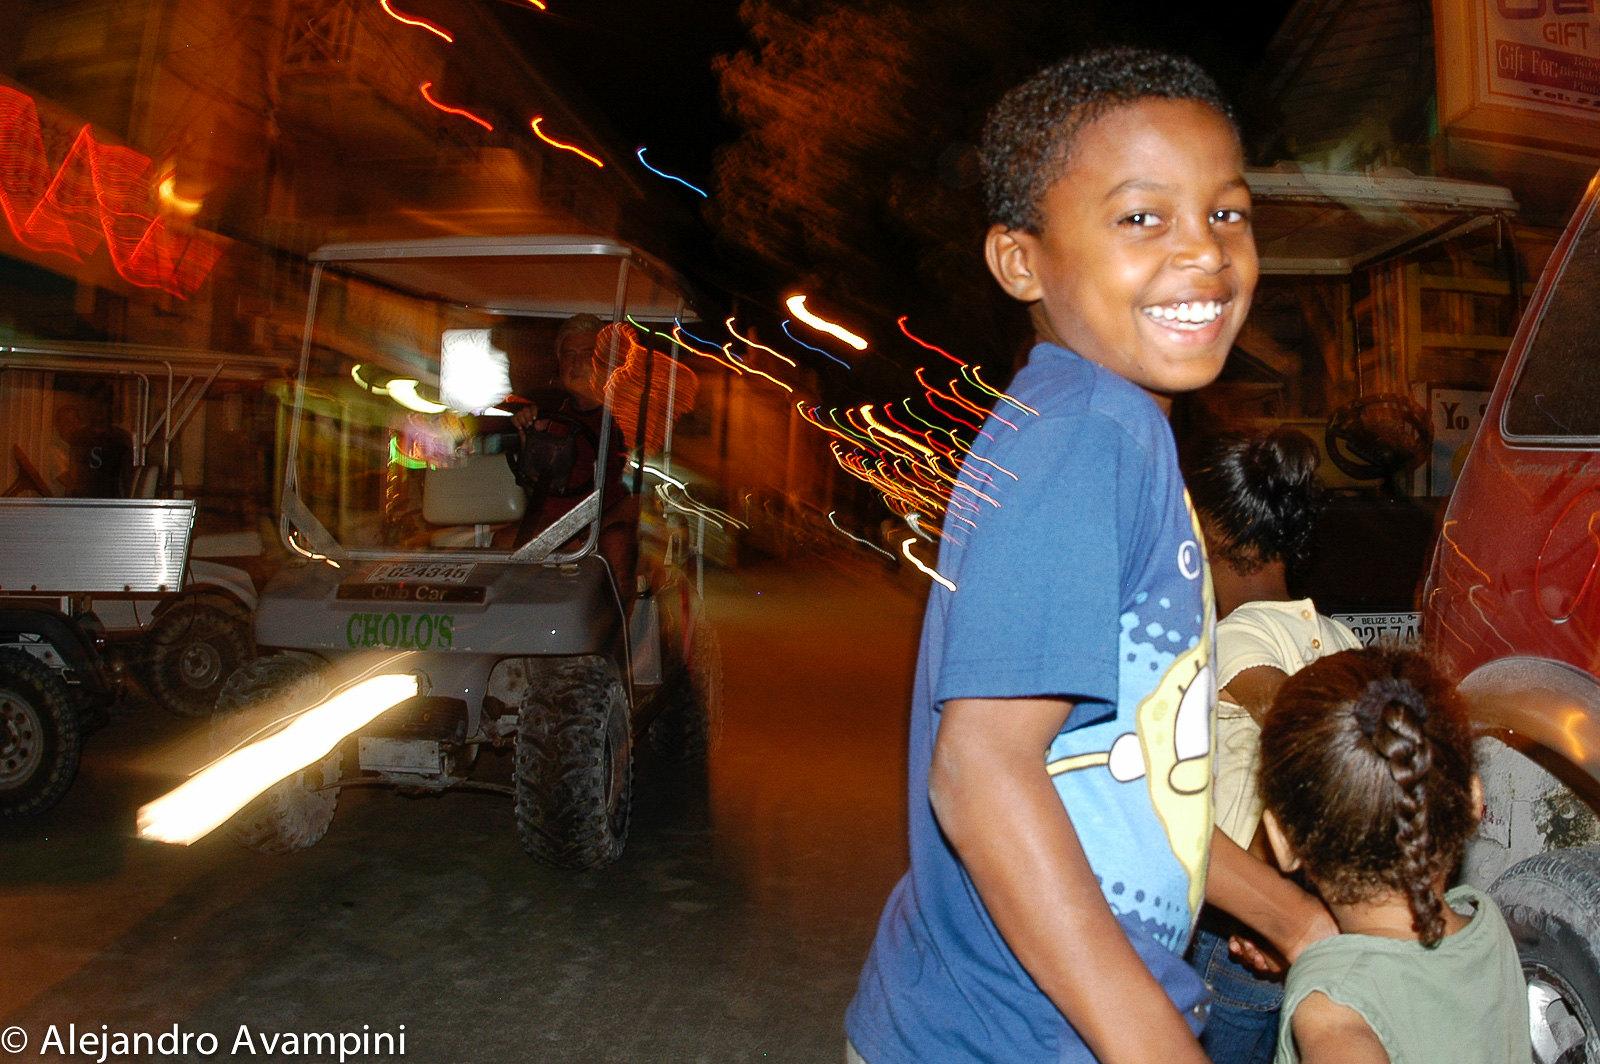 Niños diviertiendose y un carrito eléctrico en las calles de Ambergris - Belice